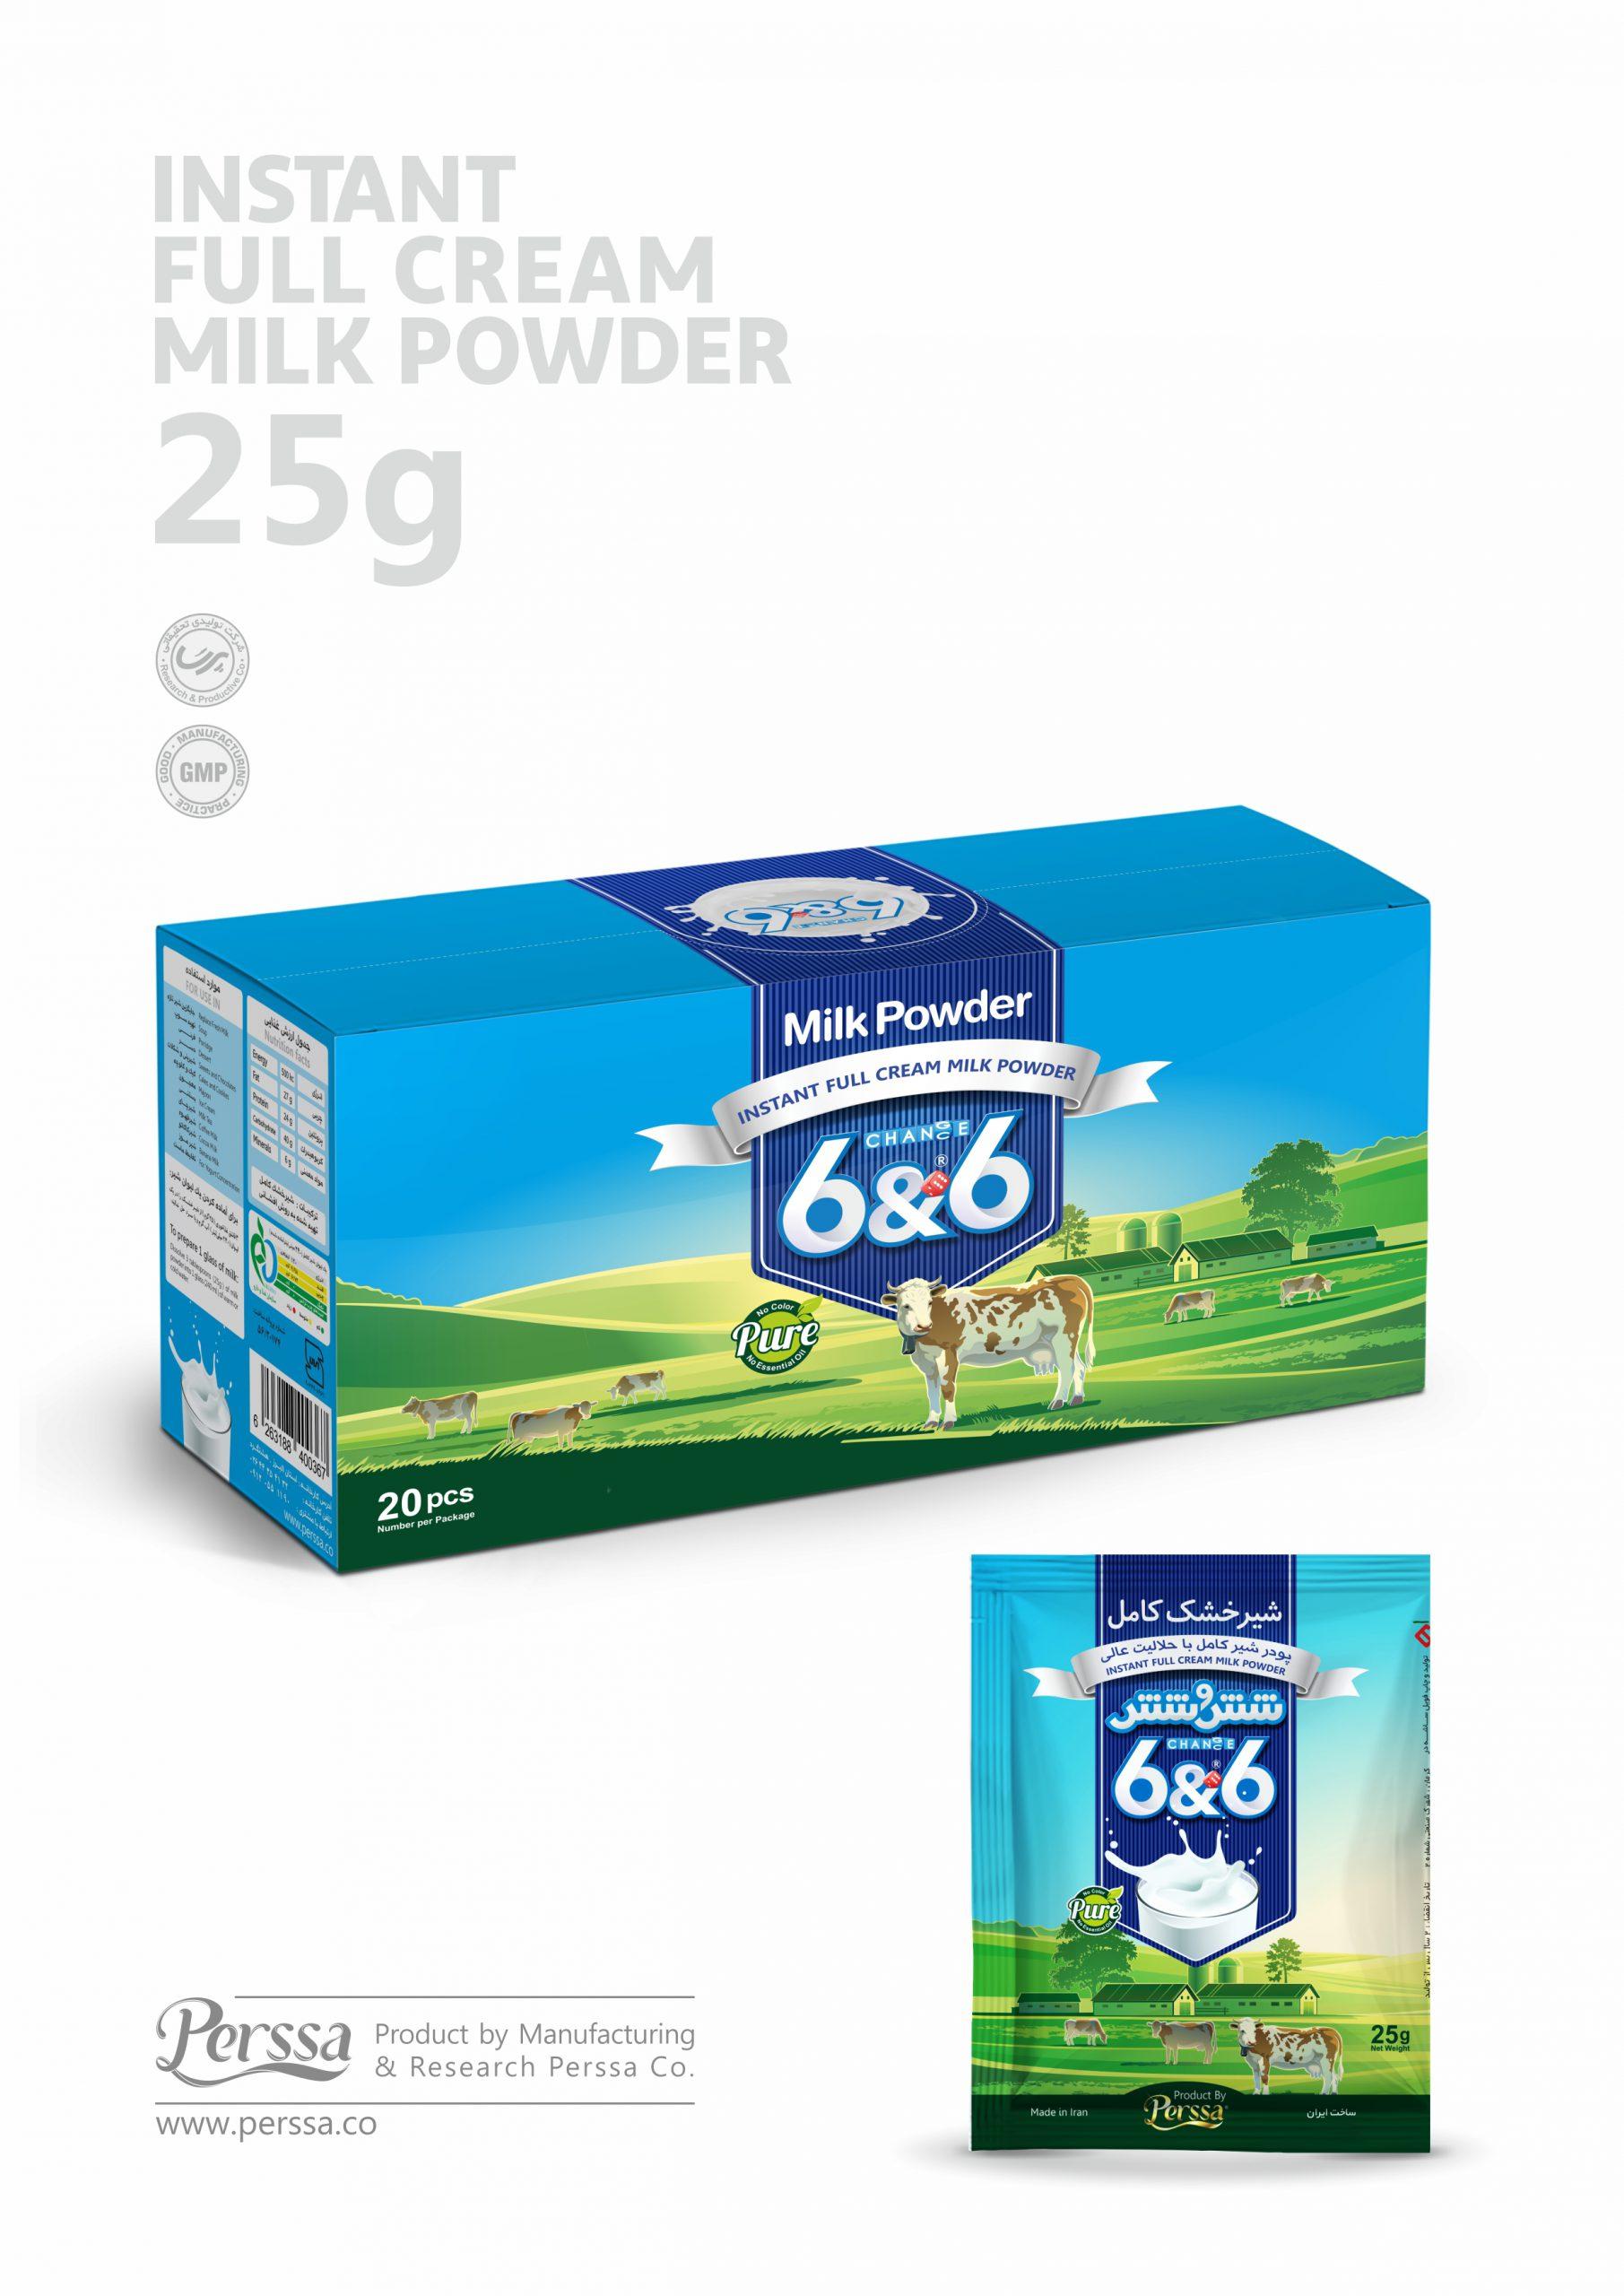 instant full cream milk powder 25 g